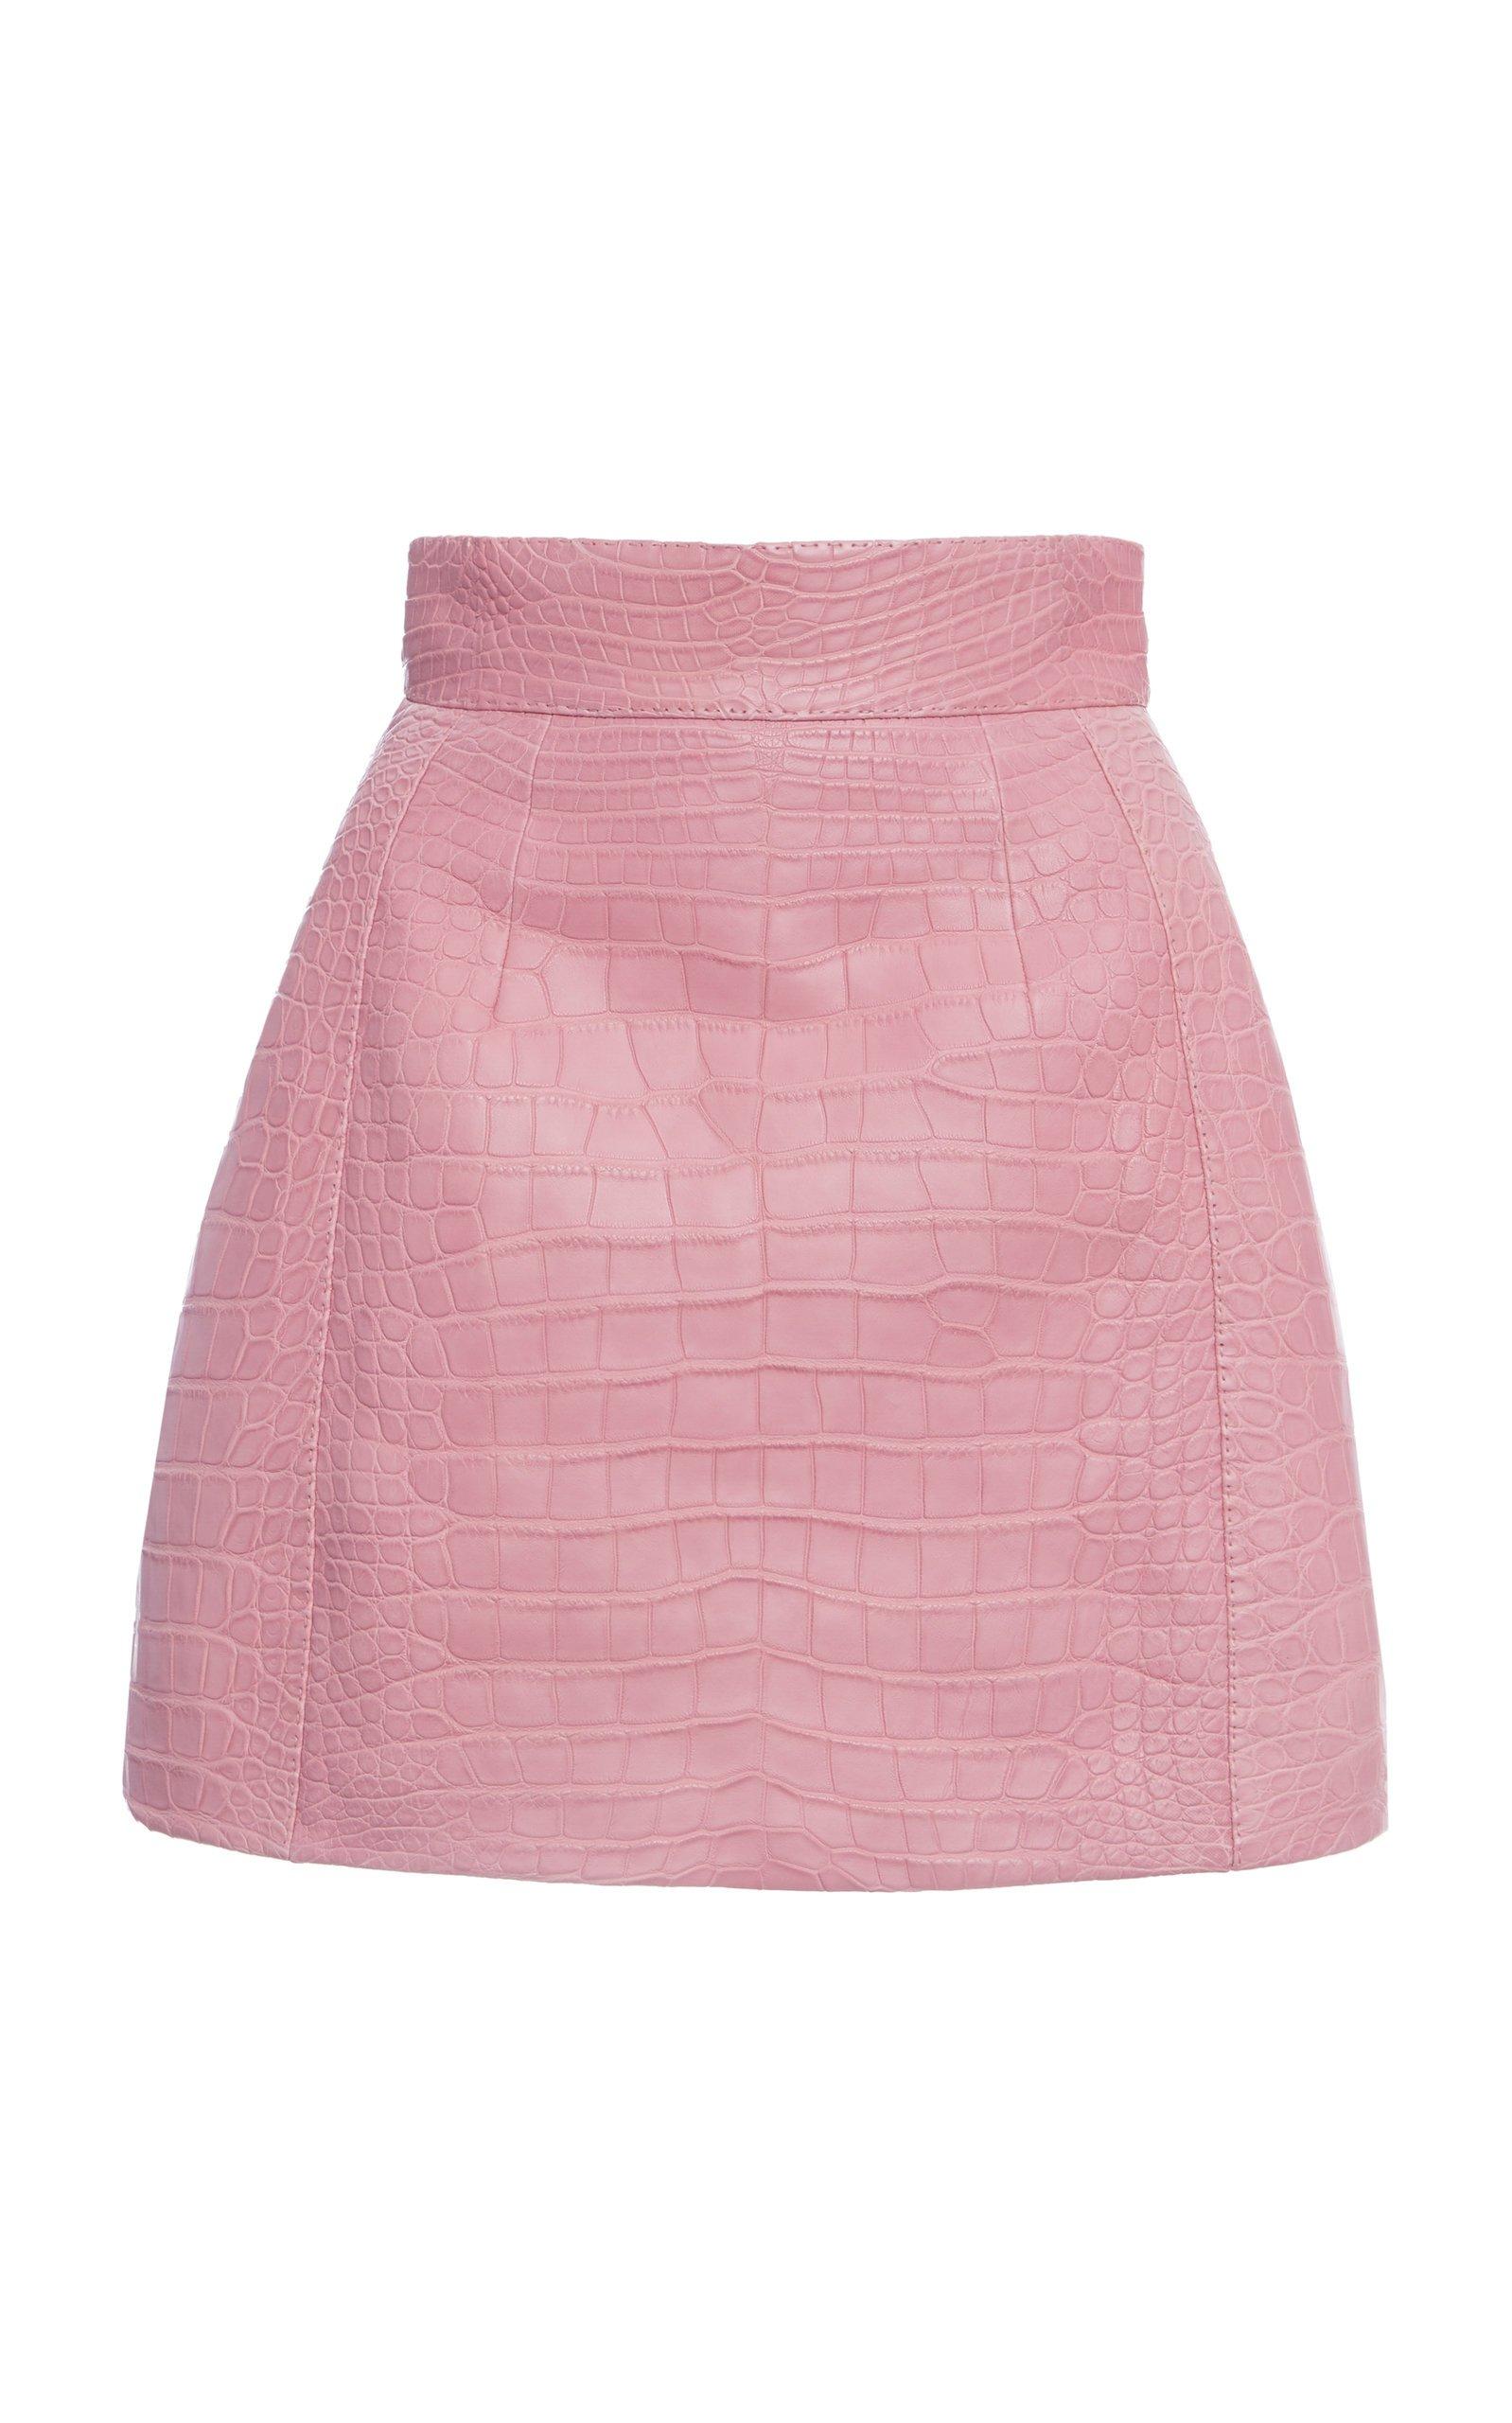 Dolce & Gabbana Crocodile Mini Skirt Size: 36